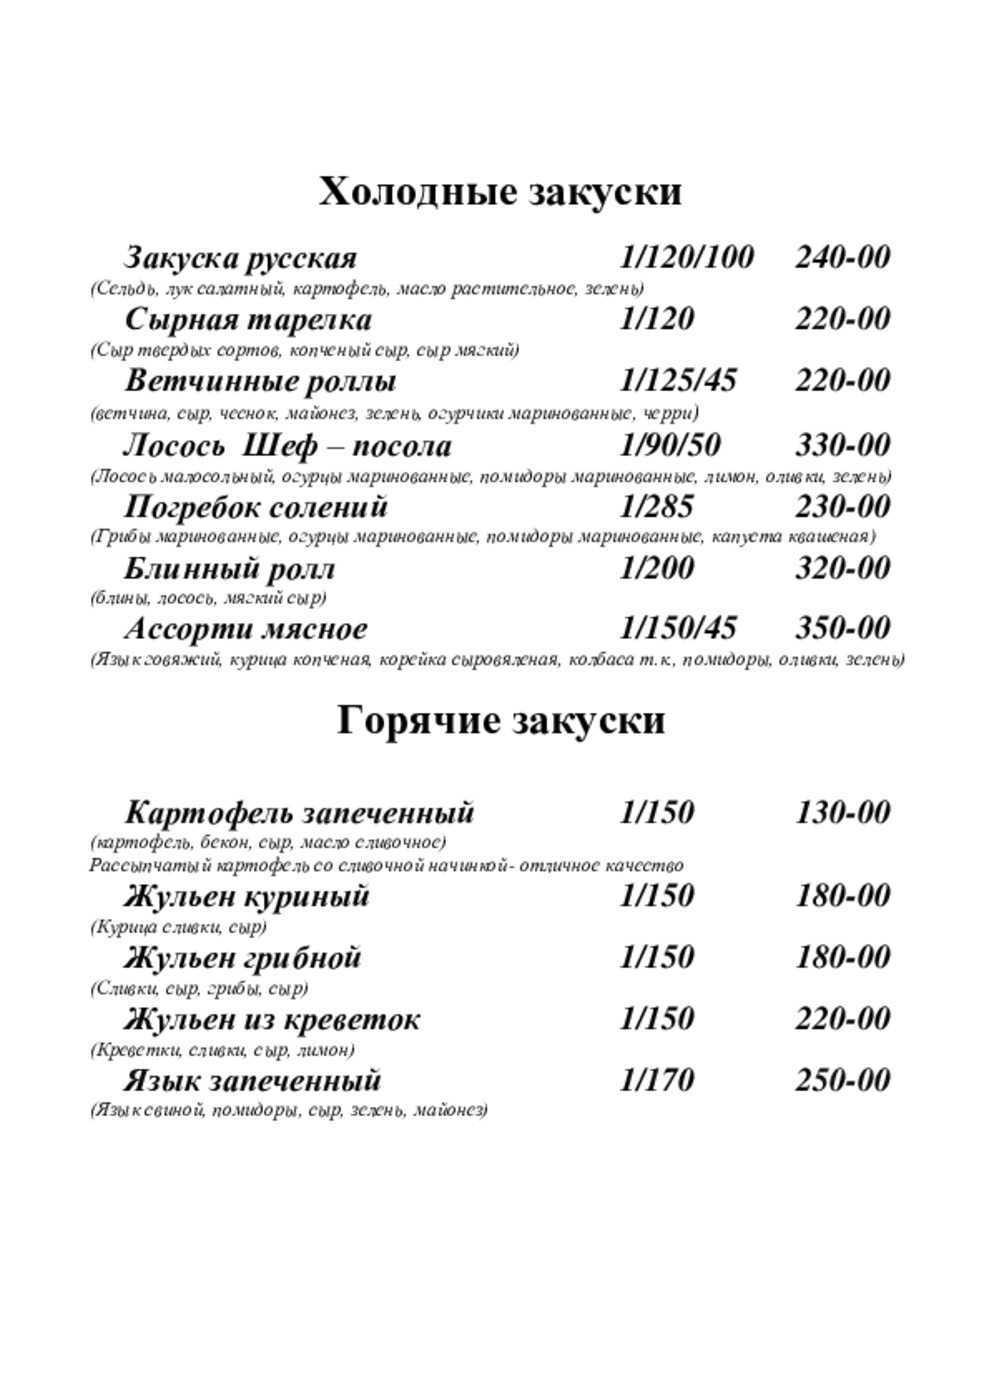 Меню кафе Старый город на улице Достоевского фото 2